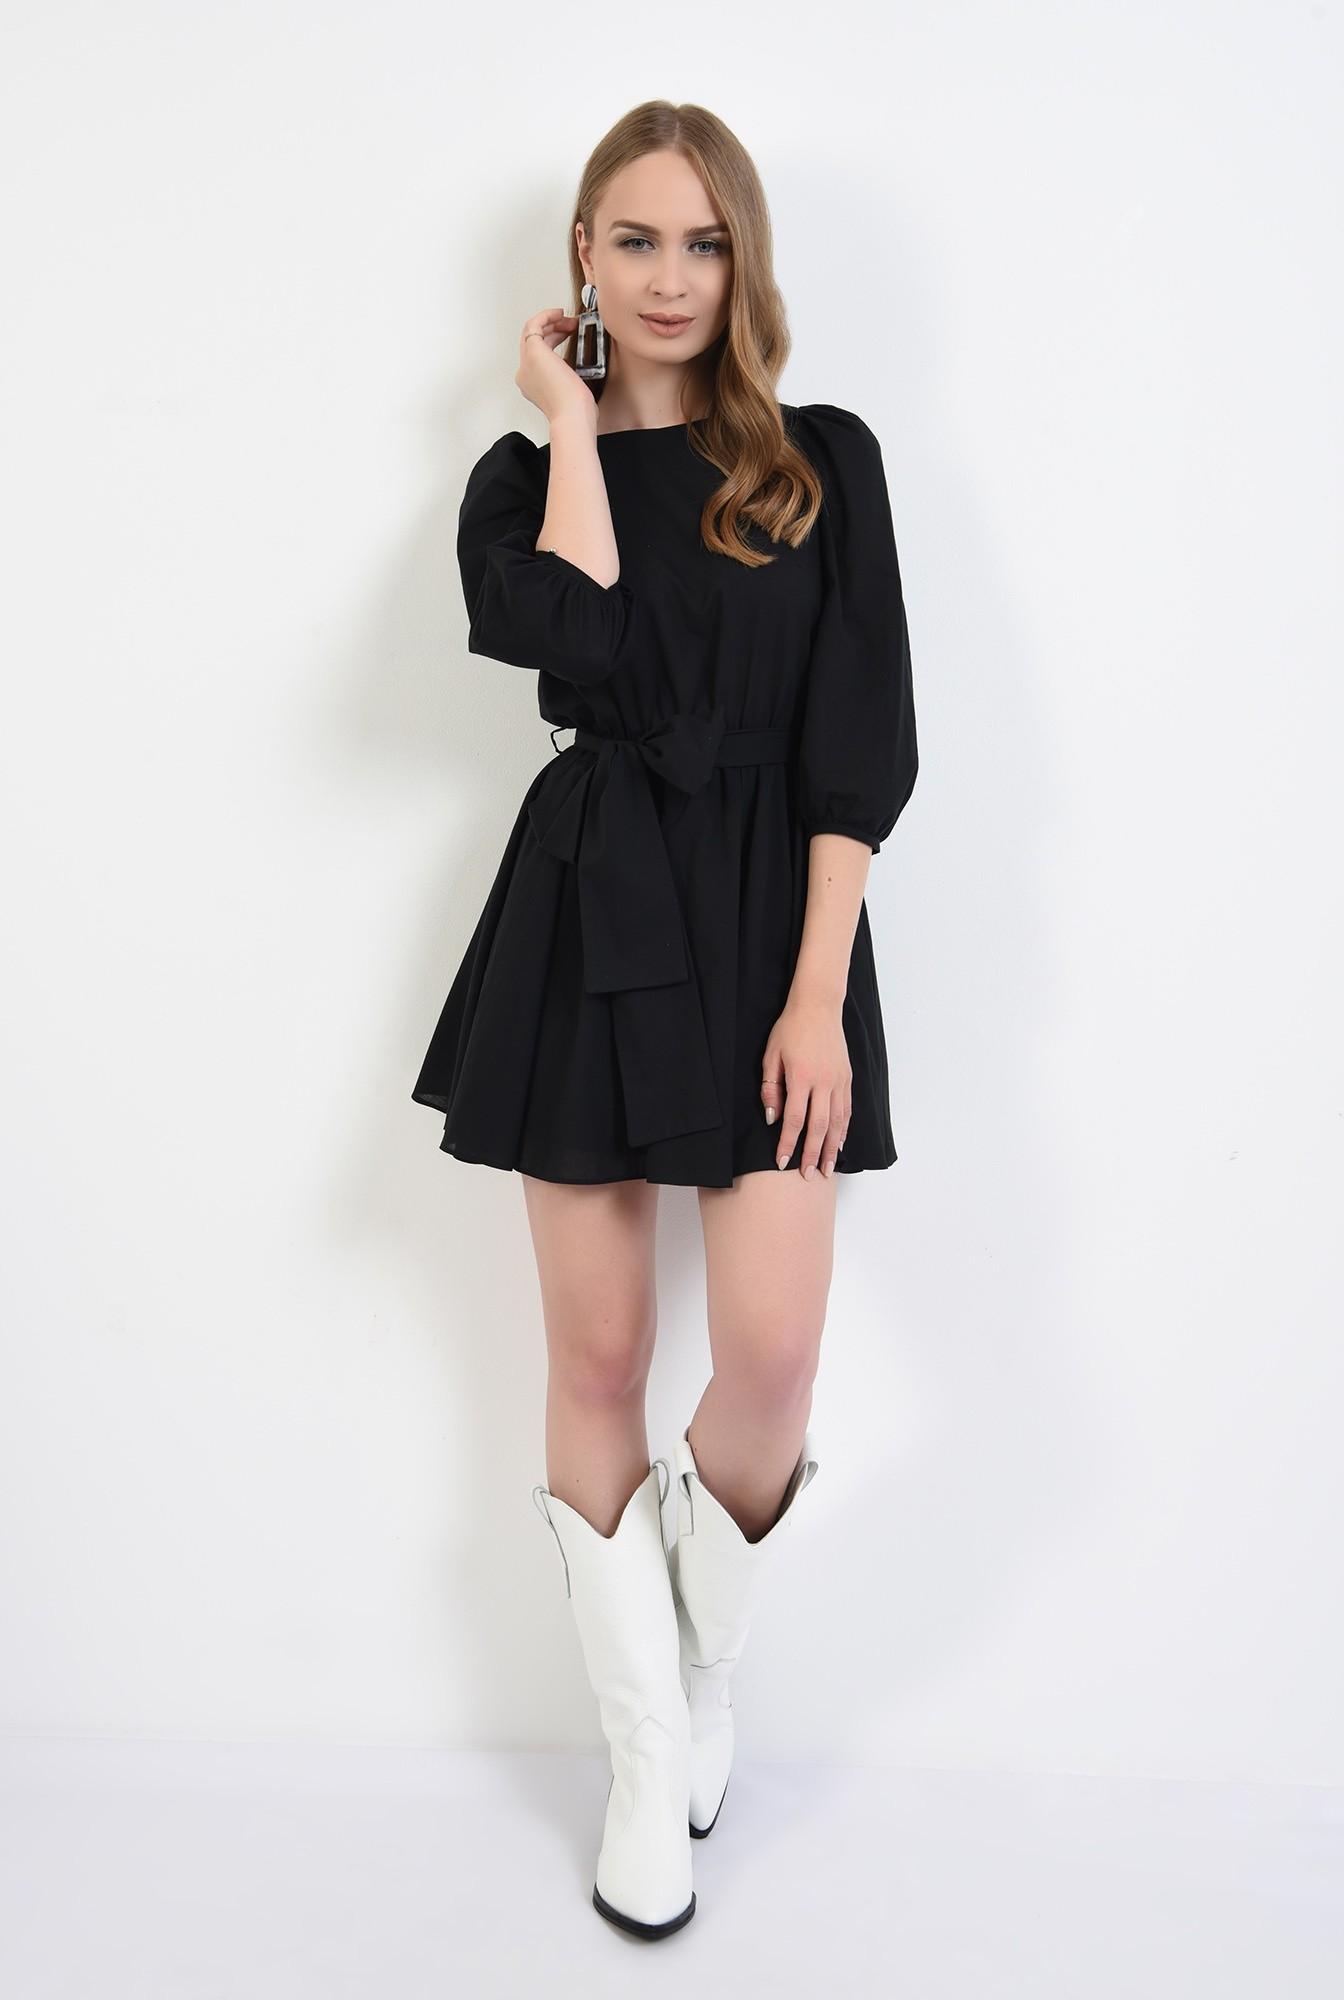 0 - 360 - rochie casual, clos, scurta, cu cordon, maneci bufante, neagra